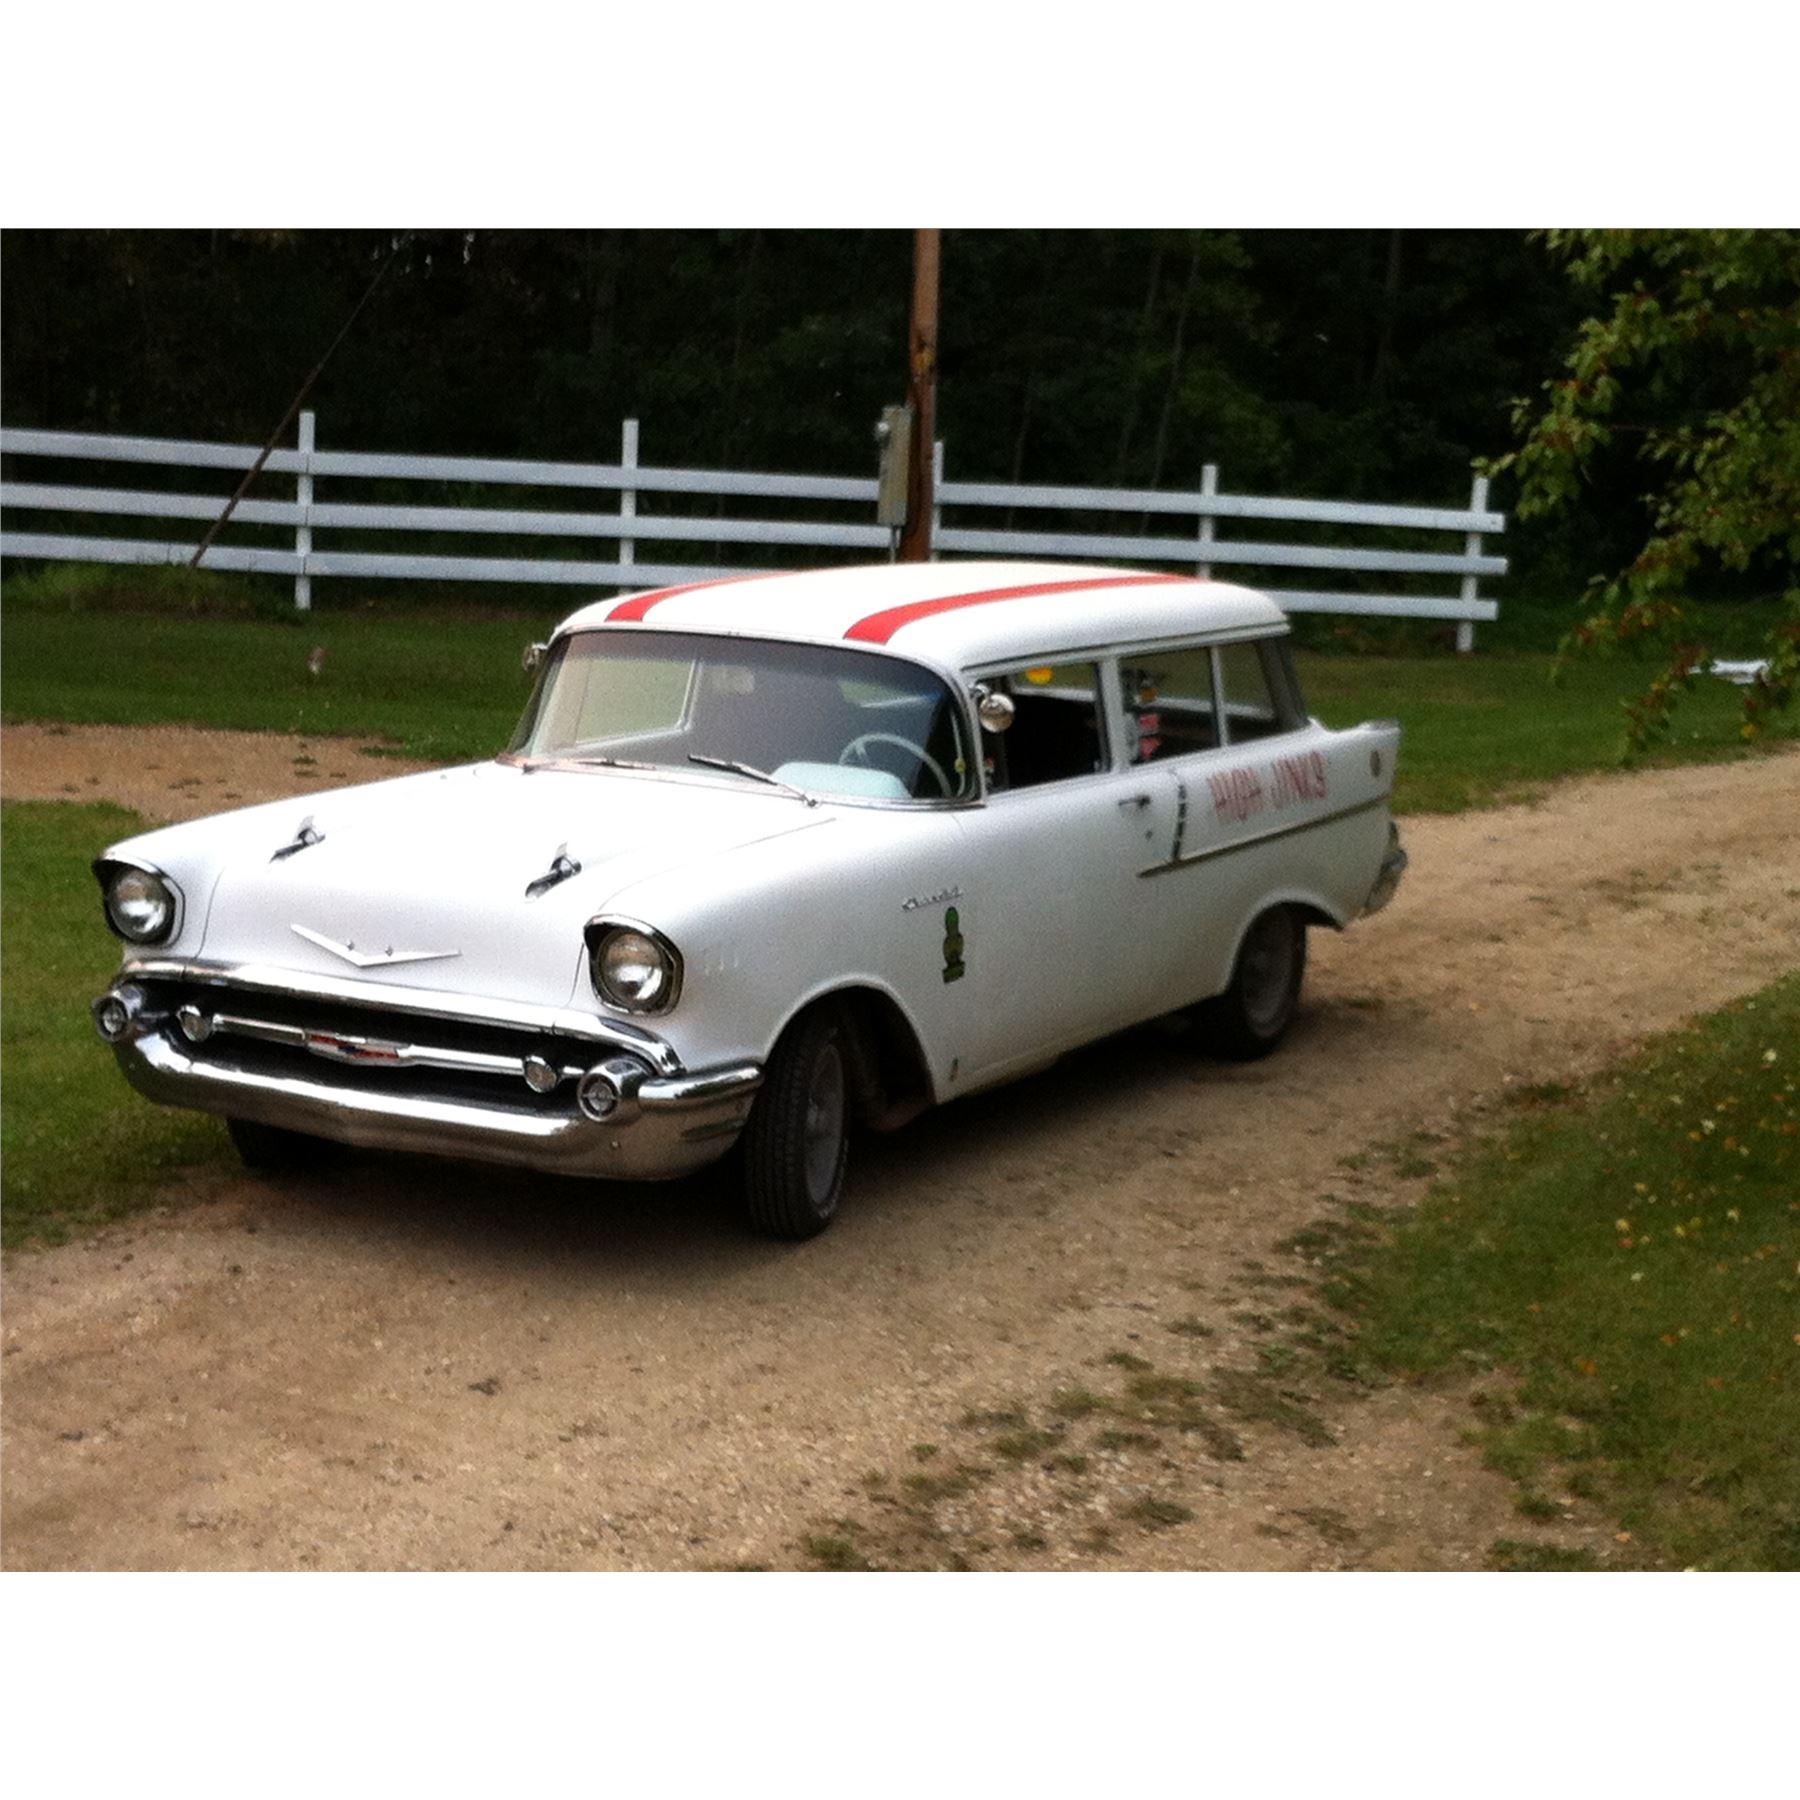 1957 CHEVROLET 150 WAGON VINTAGE QUARTER MILE RACE CAR BIG BLOCK 396 CID V8  RECENT FRAME ON RESTO